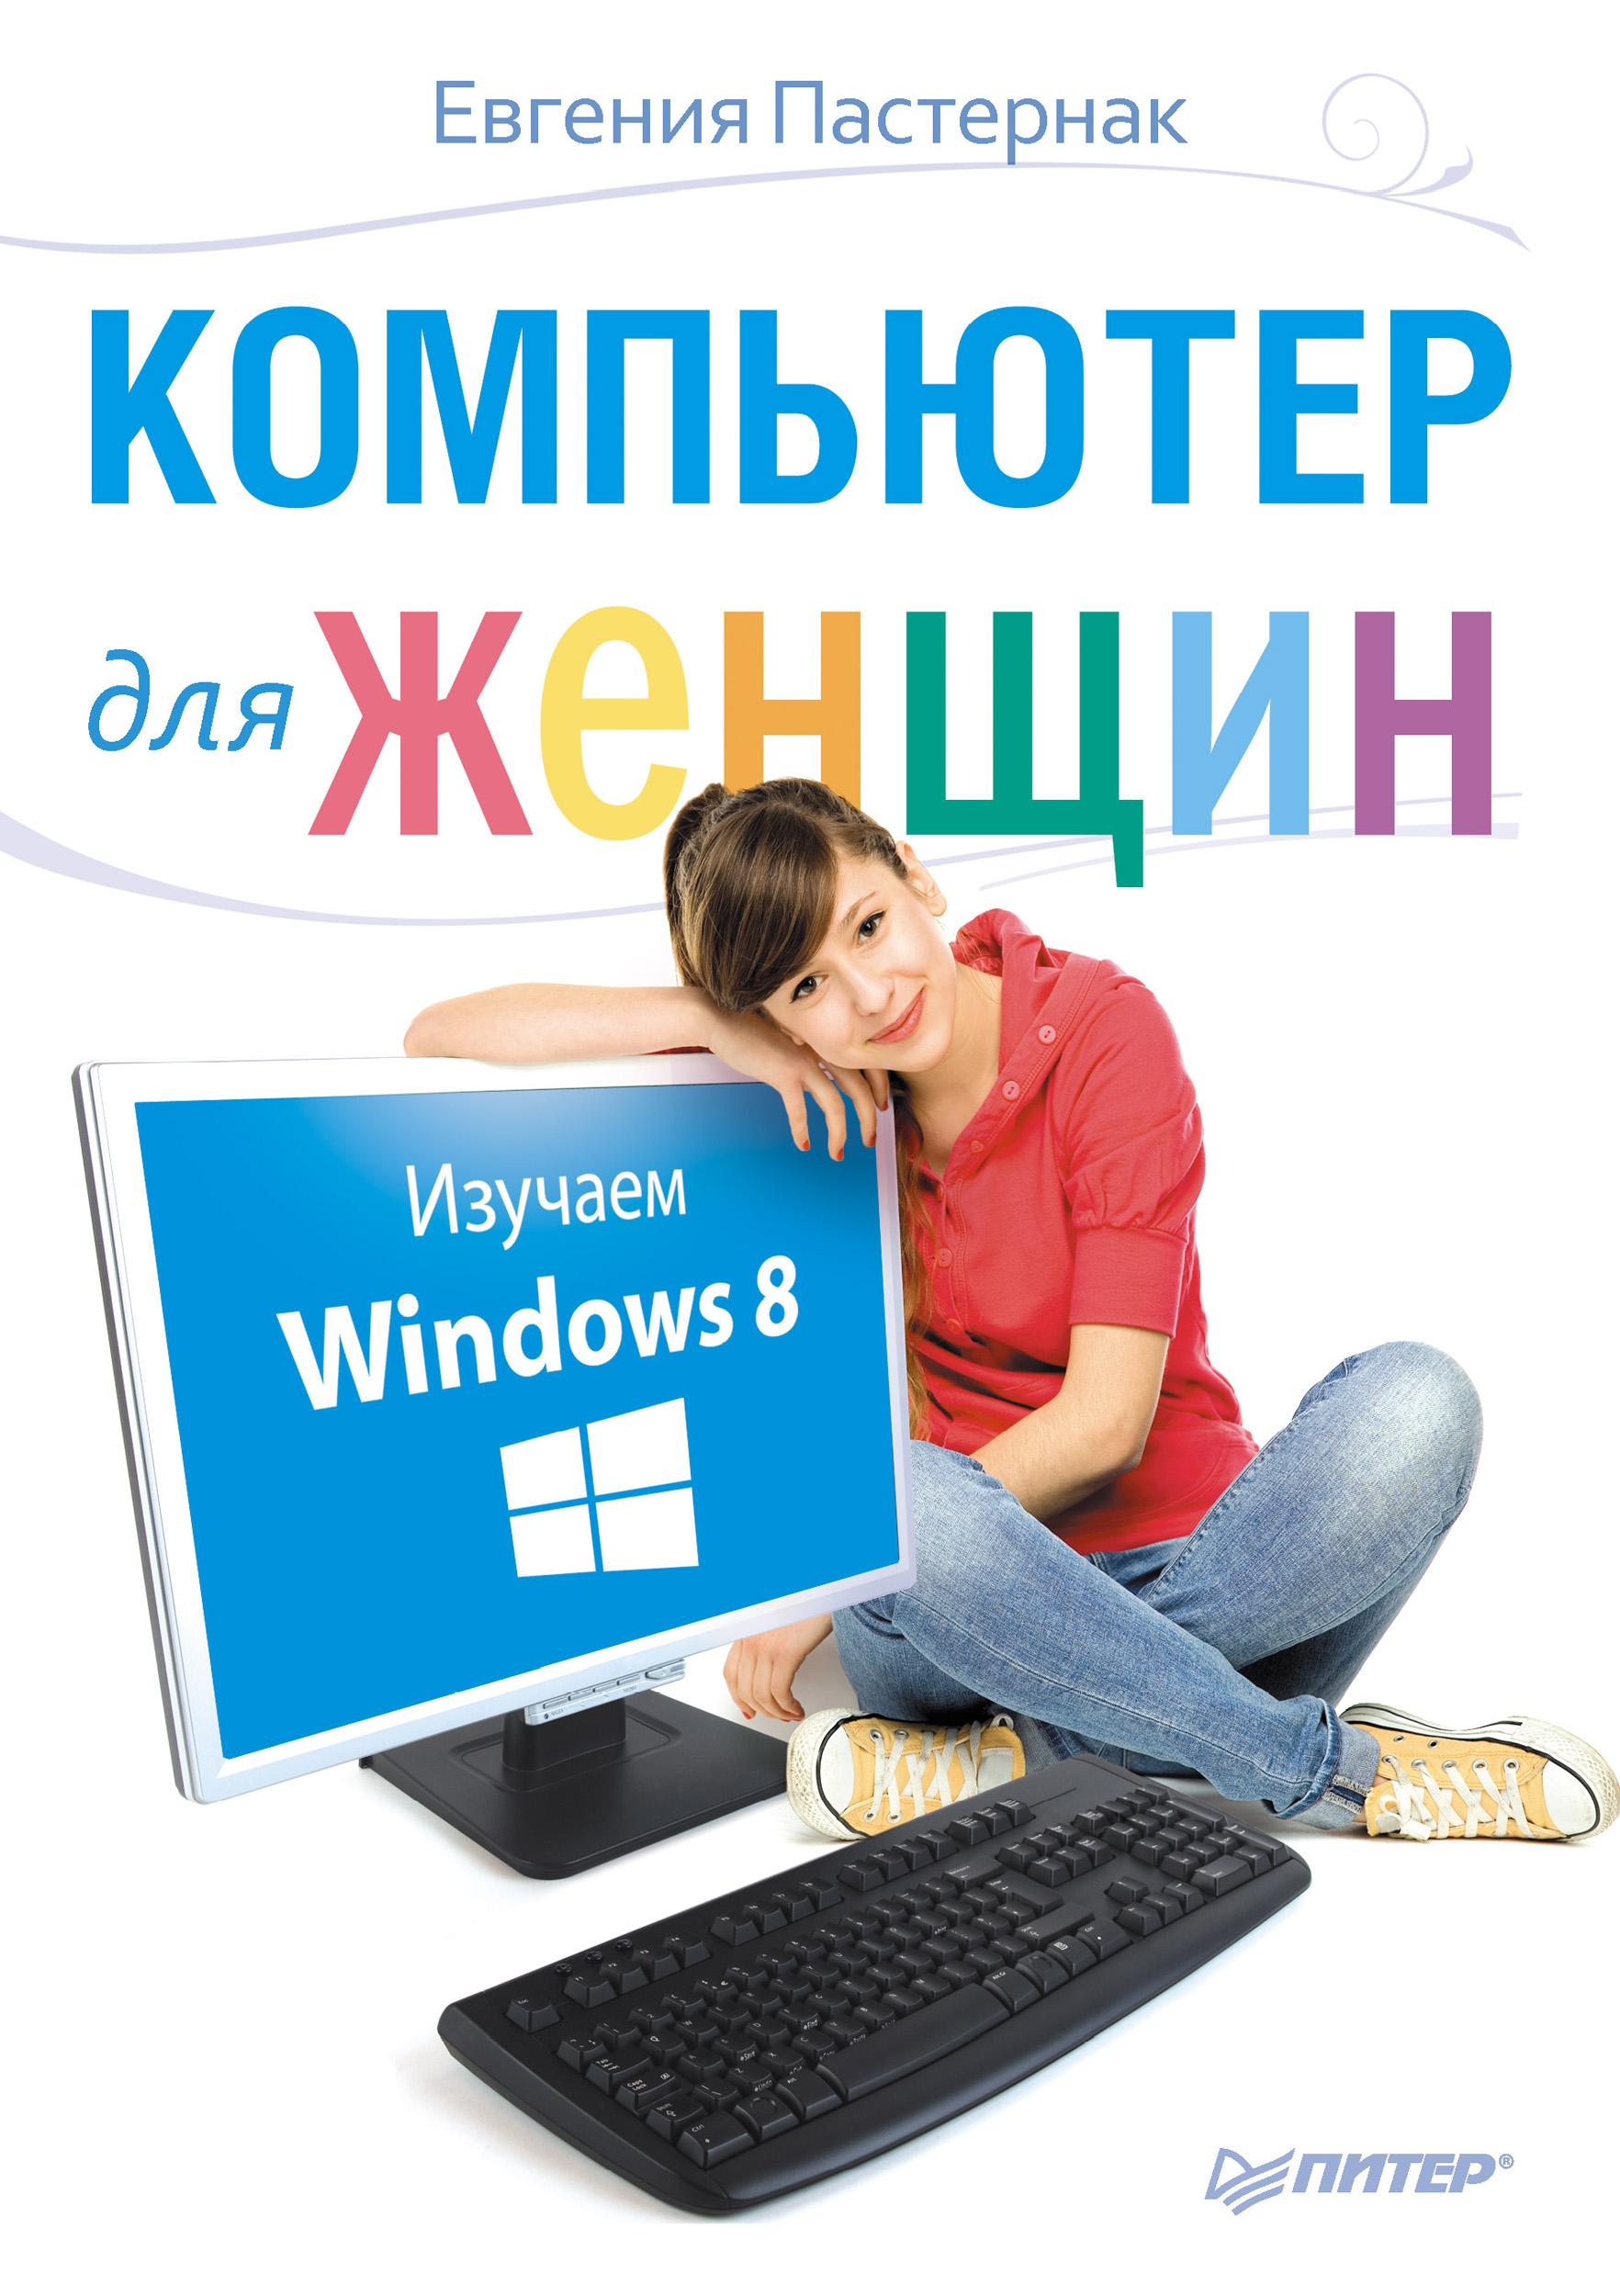 Евгения Пастернак Компьютер для женщин. Изучаем Windows 8 евгения пастернак ноутбук для женщин изучаем windows 7